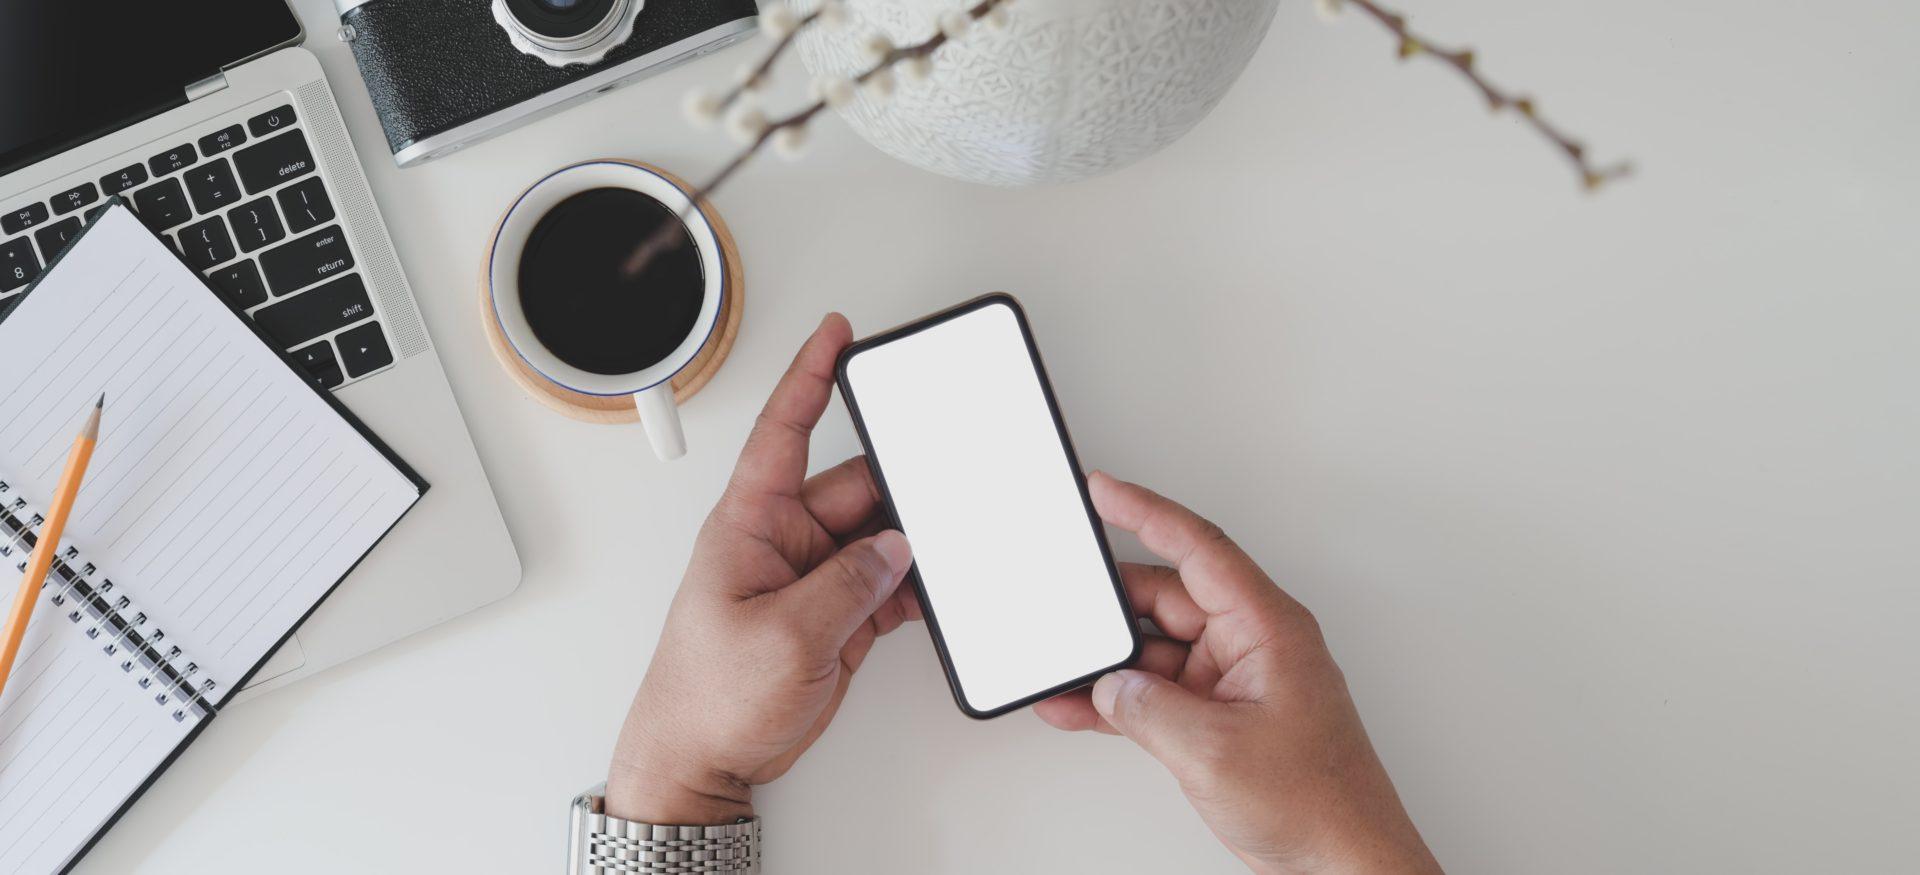 家計の見直しと格安SIMスマホに乗り換えのススメ。UQモバイル快適です[iphone/au]